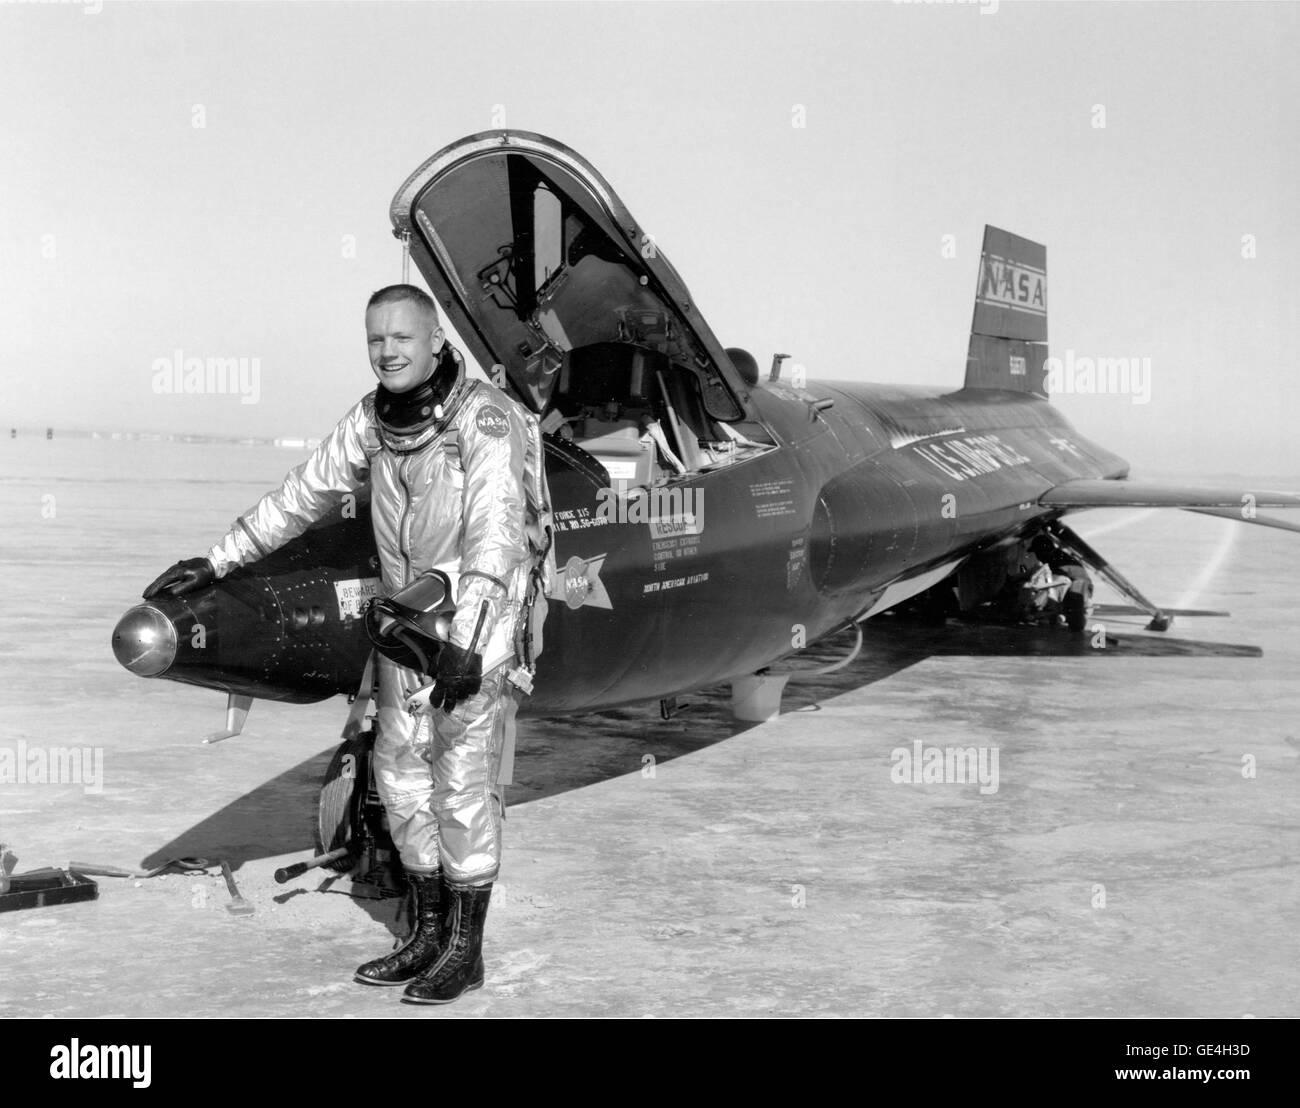 (30 November 1959) Dryden pilot Neil Armstrong ist hier neben dem x-15 Schiff 1 (56-6670) nach einem Flug Forschung Stockfoto